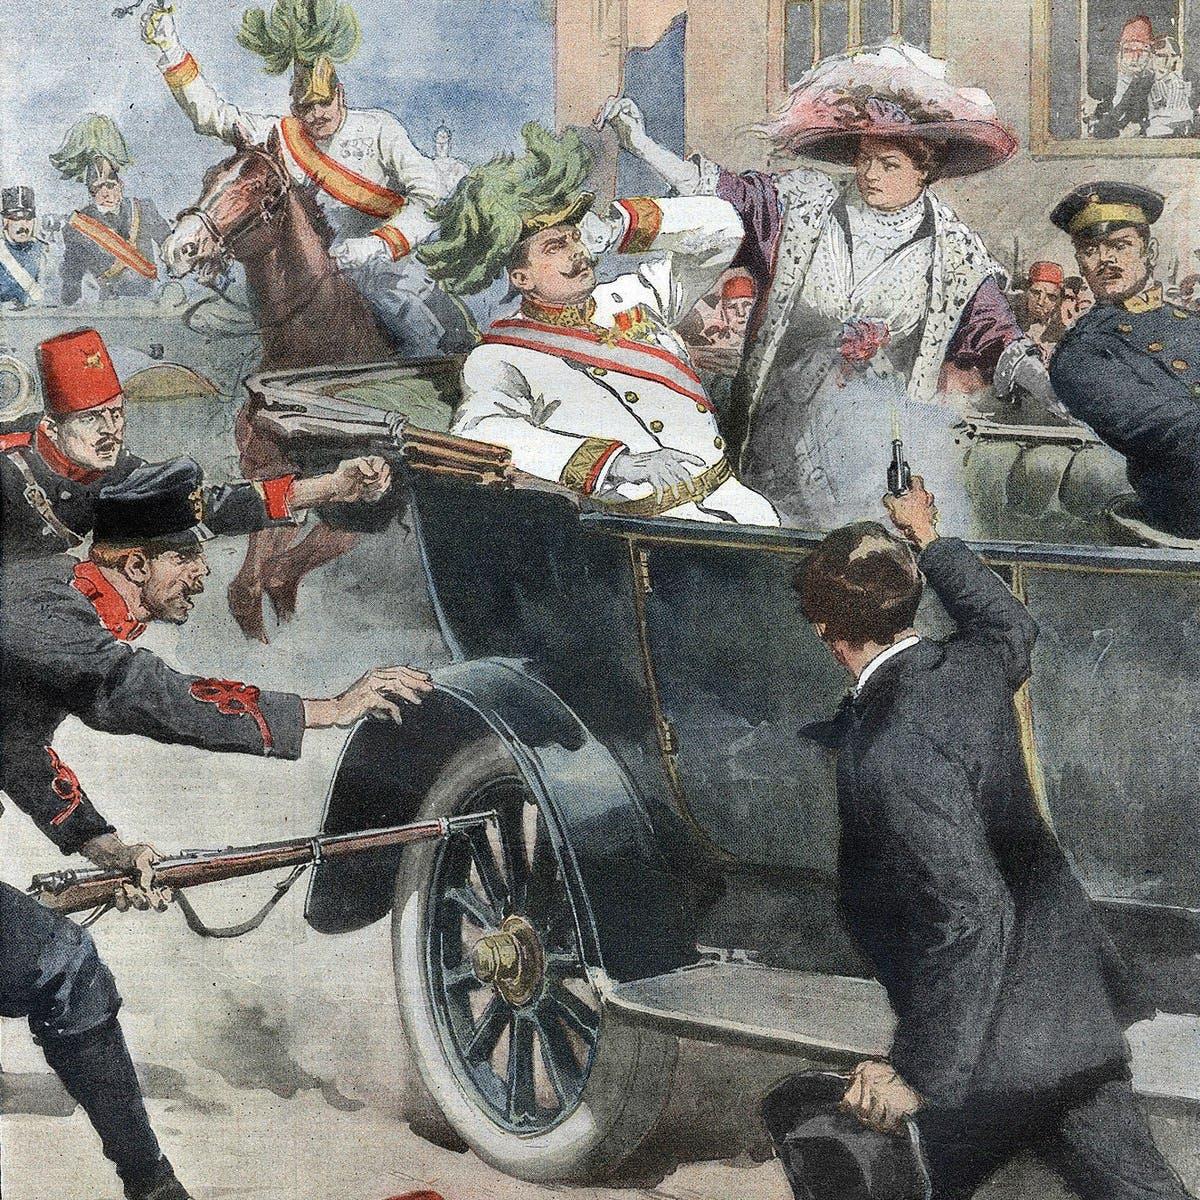 سيارة سلكت الطريق الخطأ وغيّرت وجه التاريخ!